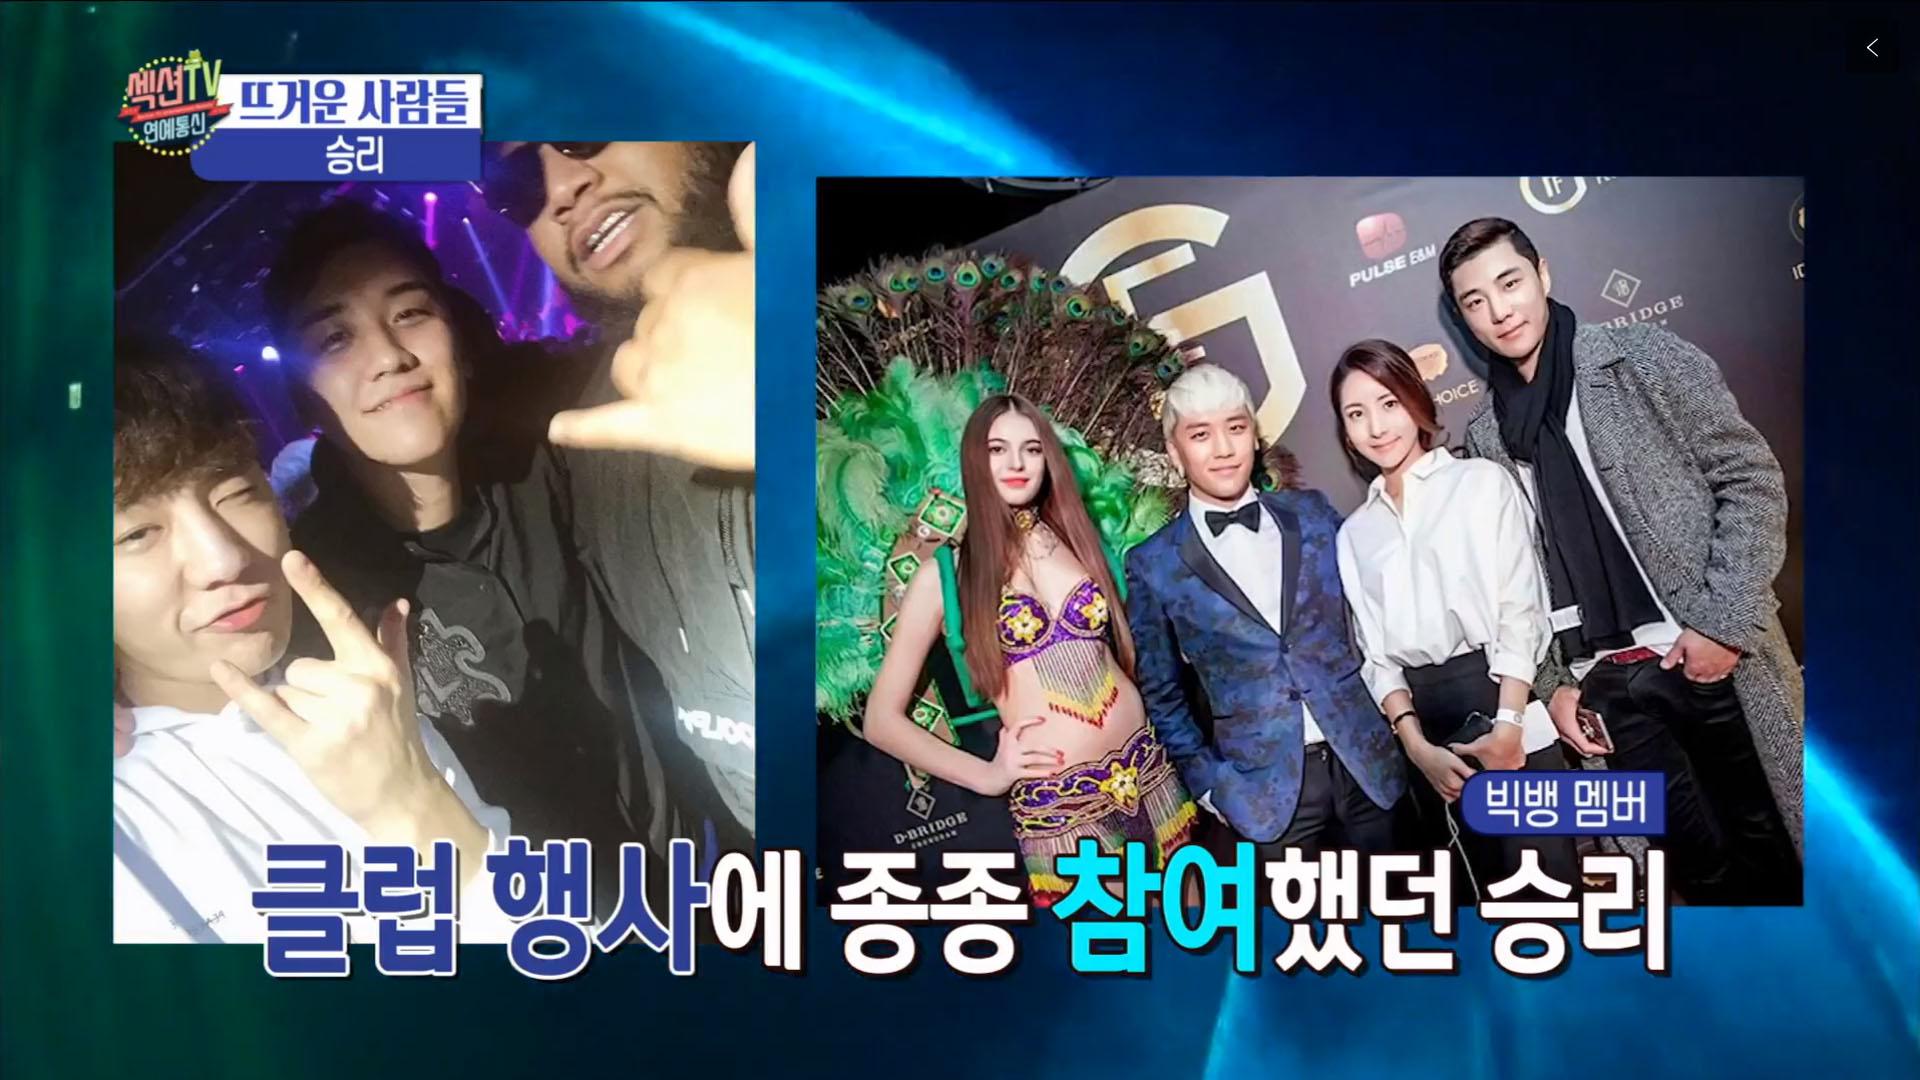 '섹션TV 연예통신' 승리 클럽 버닝썬 '집단 폭행 피해자'가 가해자?!